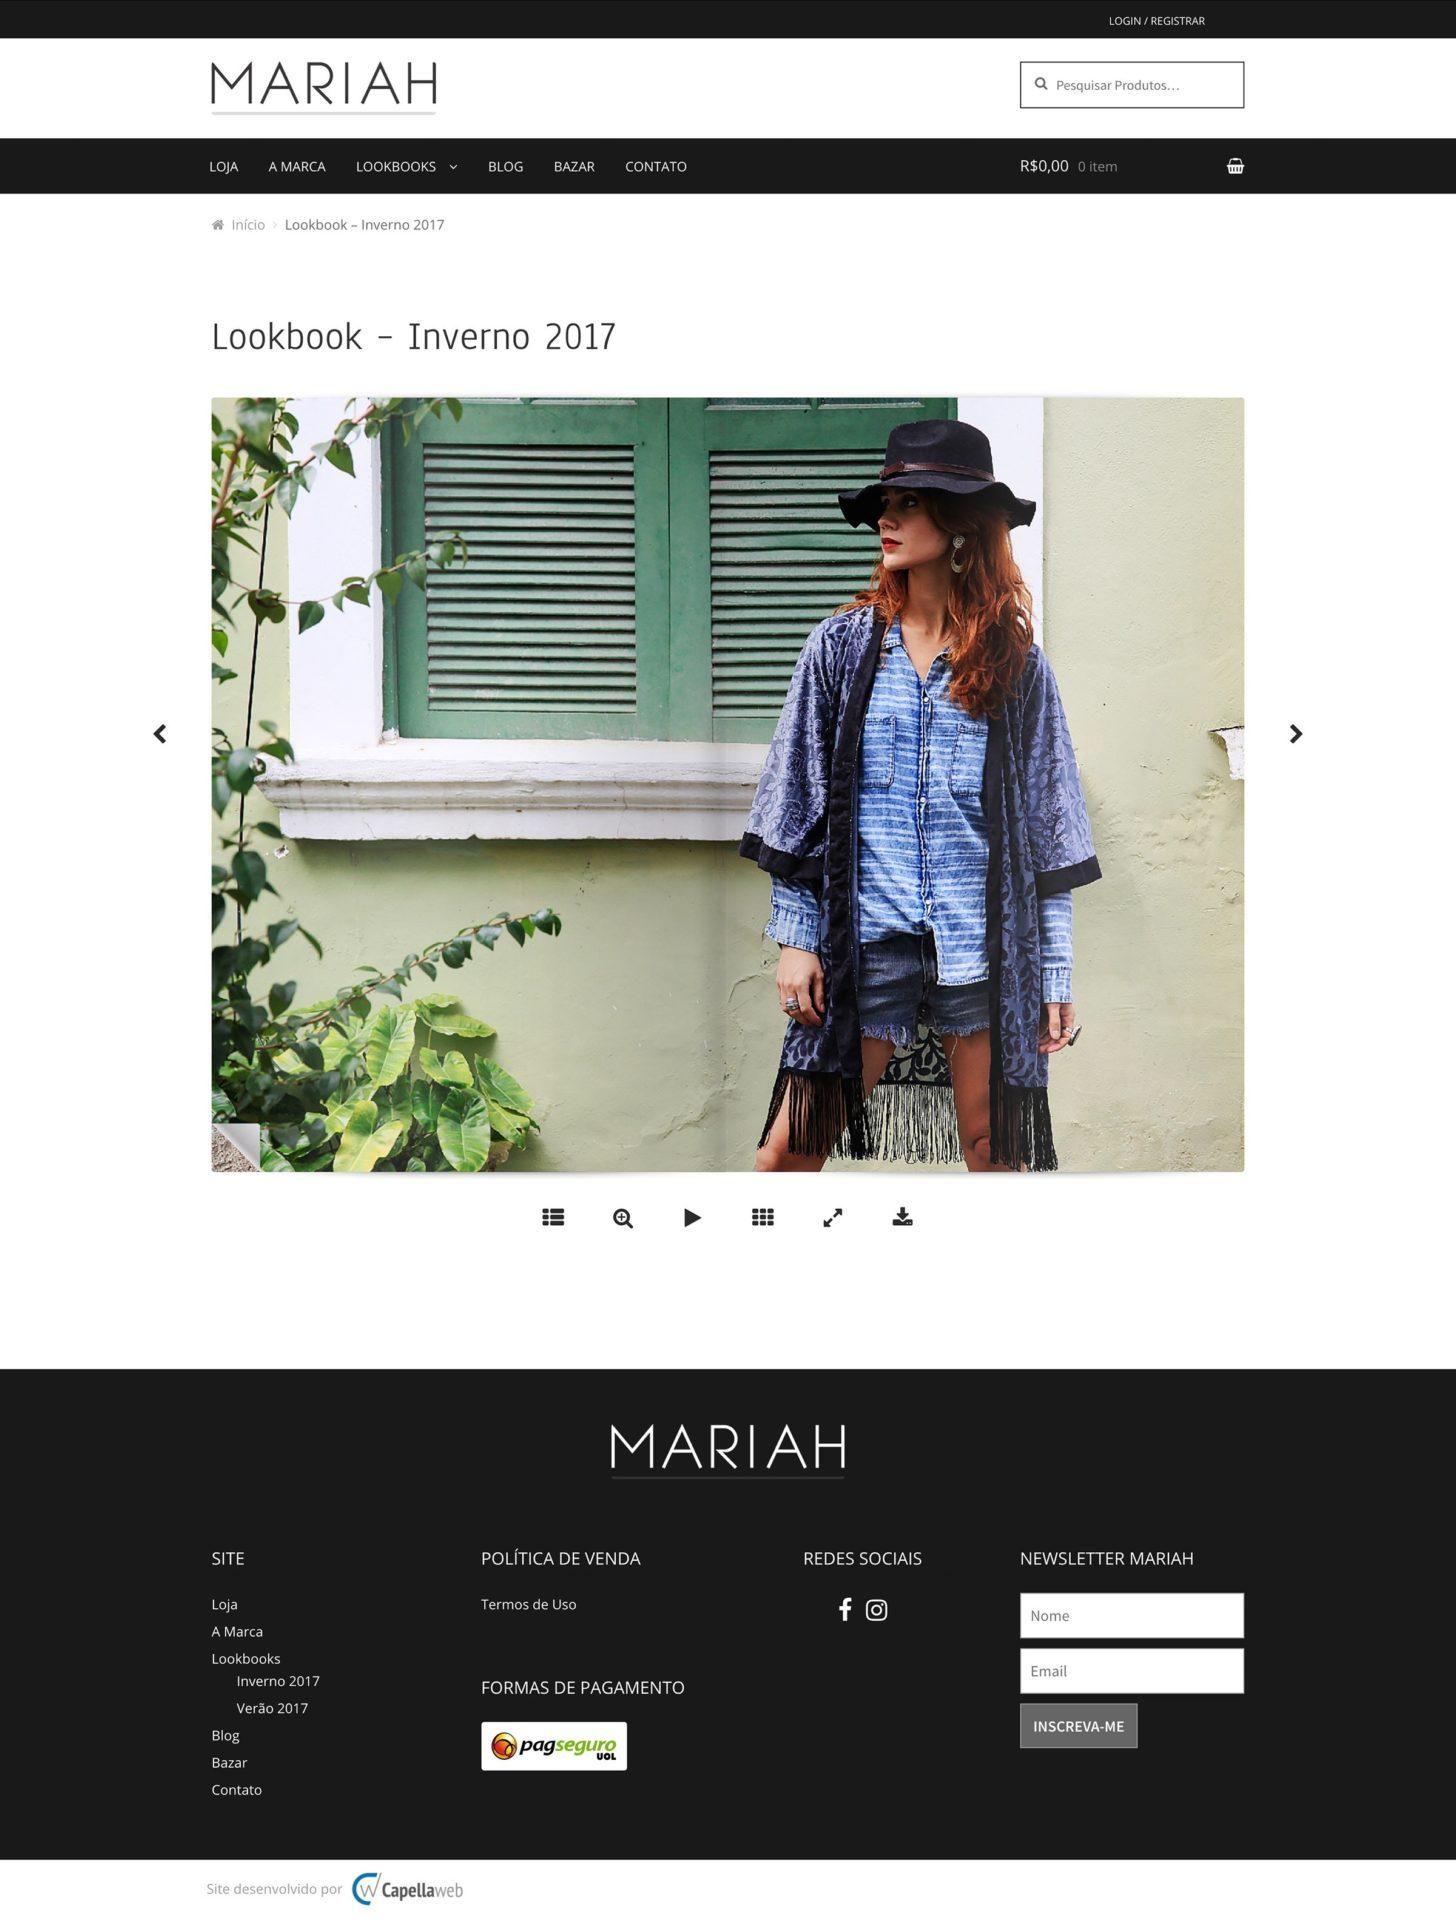 Capellaweb - Sites - Mariah - Livreto Virtual da Coleção